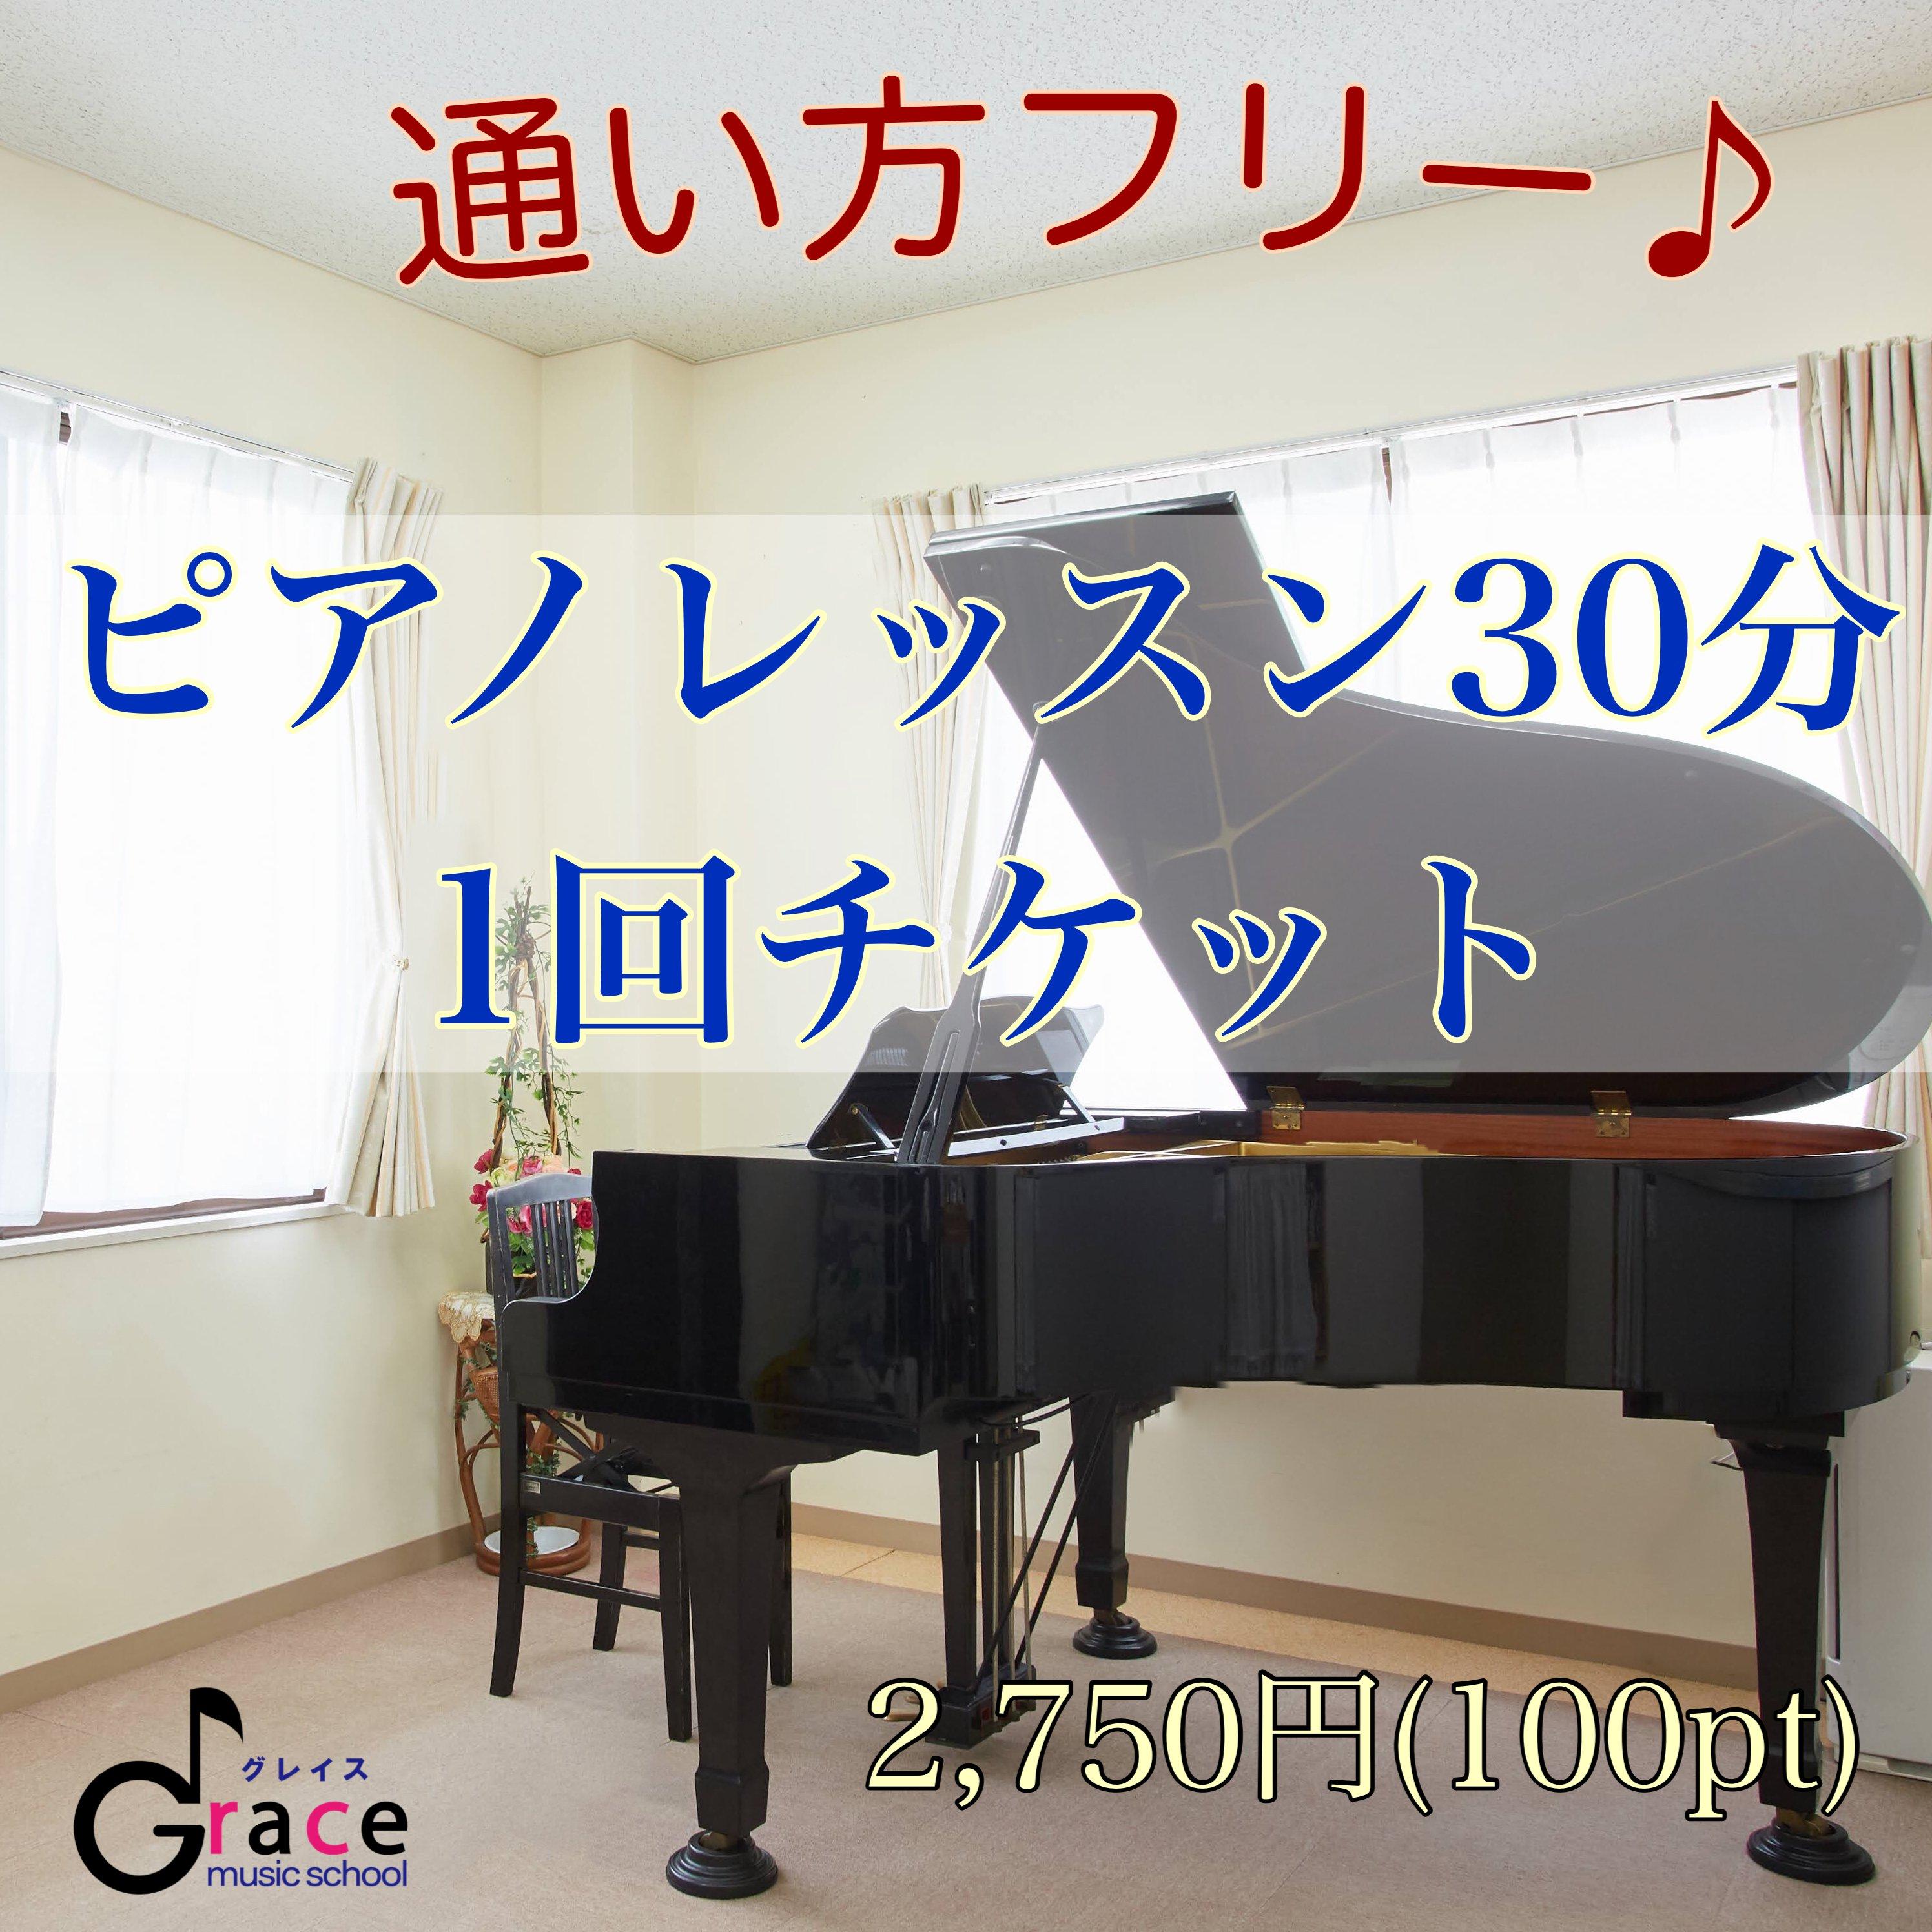 フリーピアノレッスン 30分・1回チケットのイメージその1